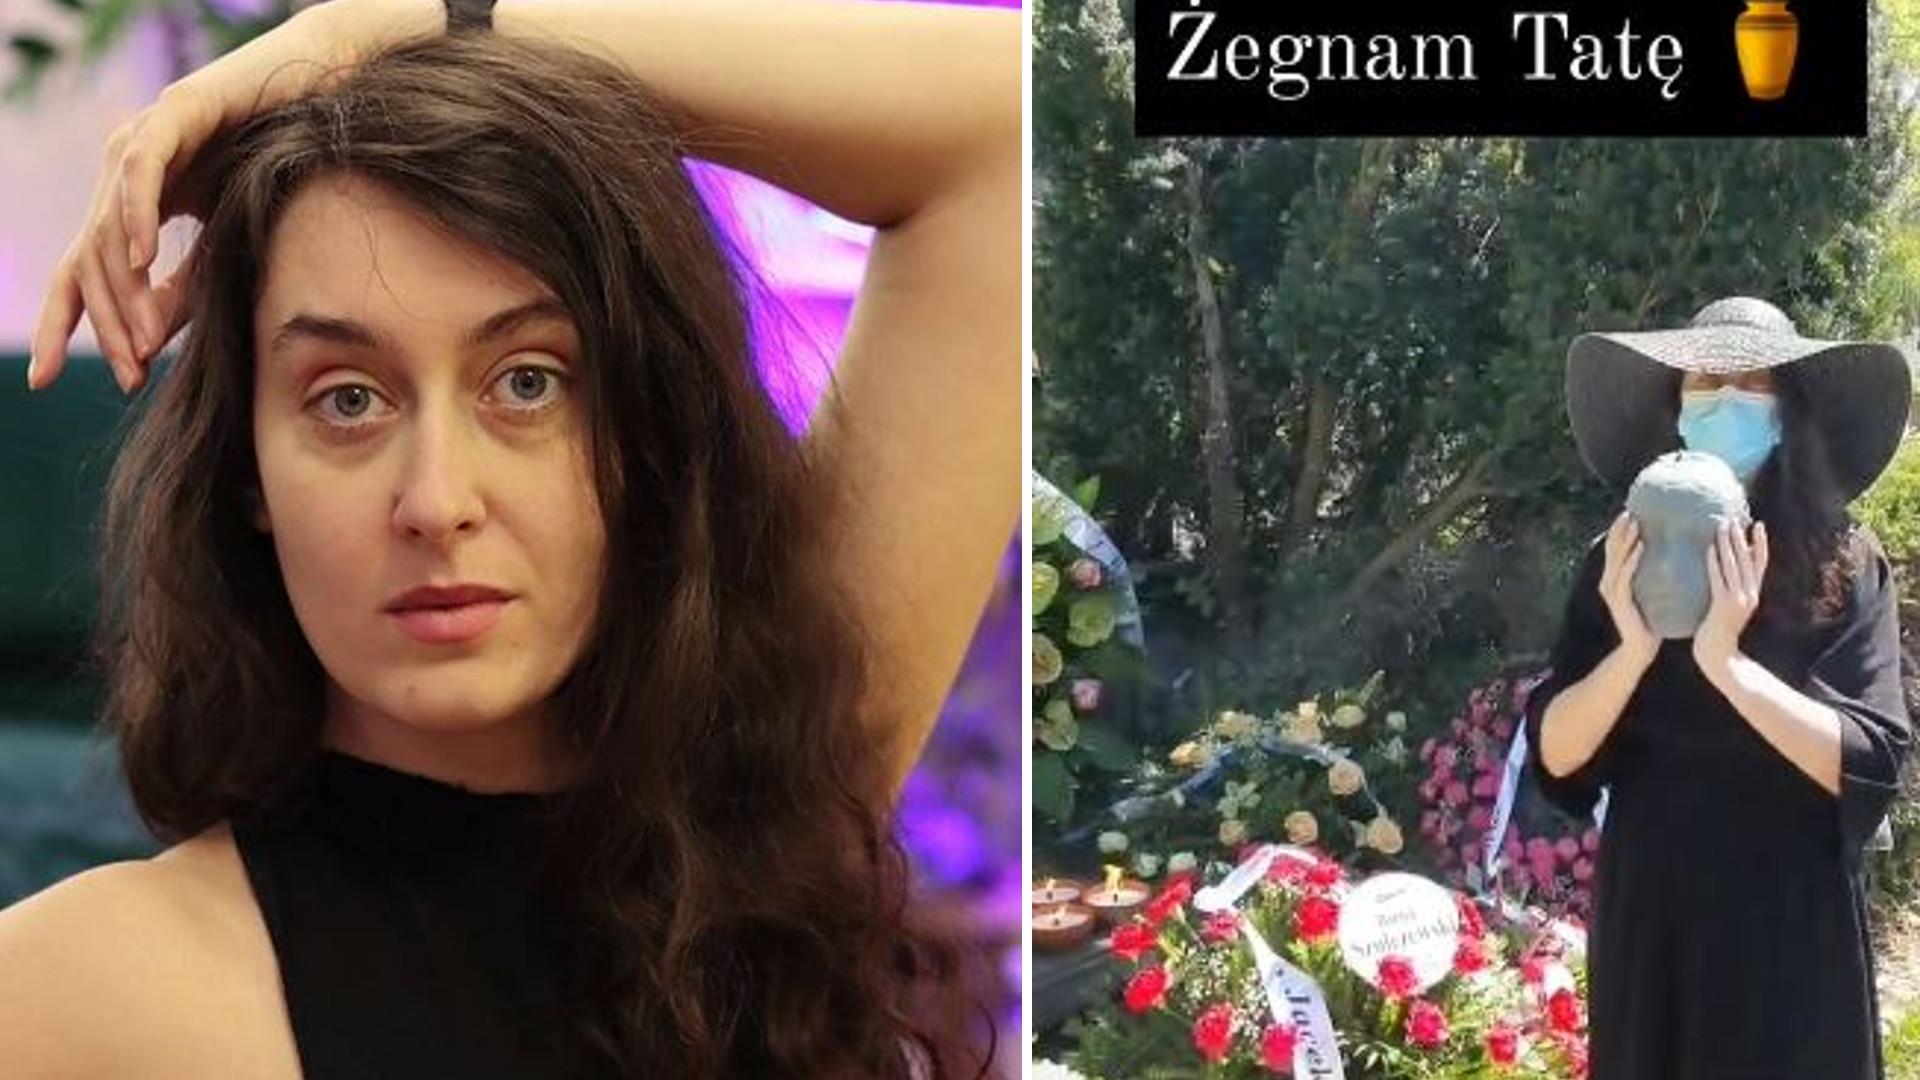 Influencerka relacjonowała w sieci pogrzeb ojca i zareklamowała rajstopy. Odniosła się do krytyki